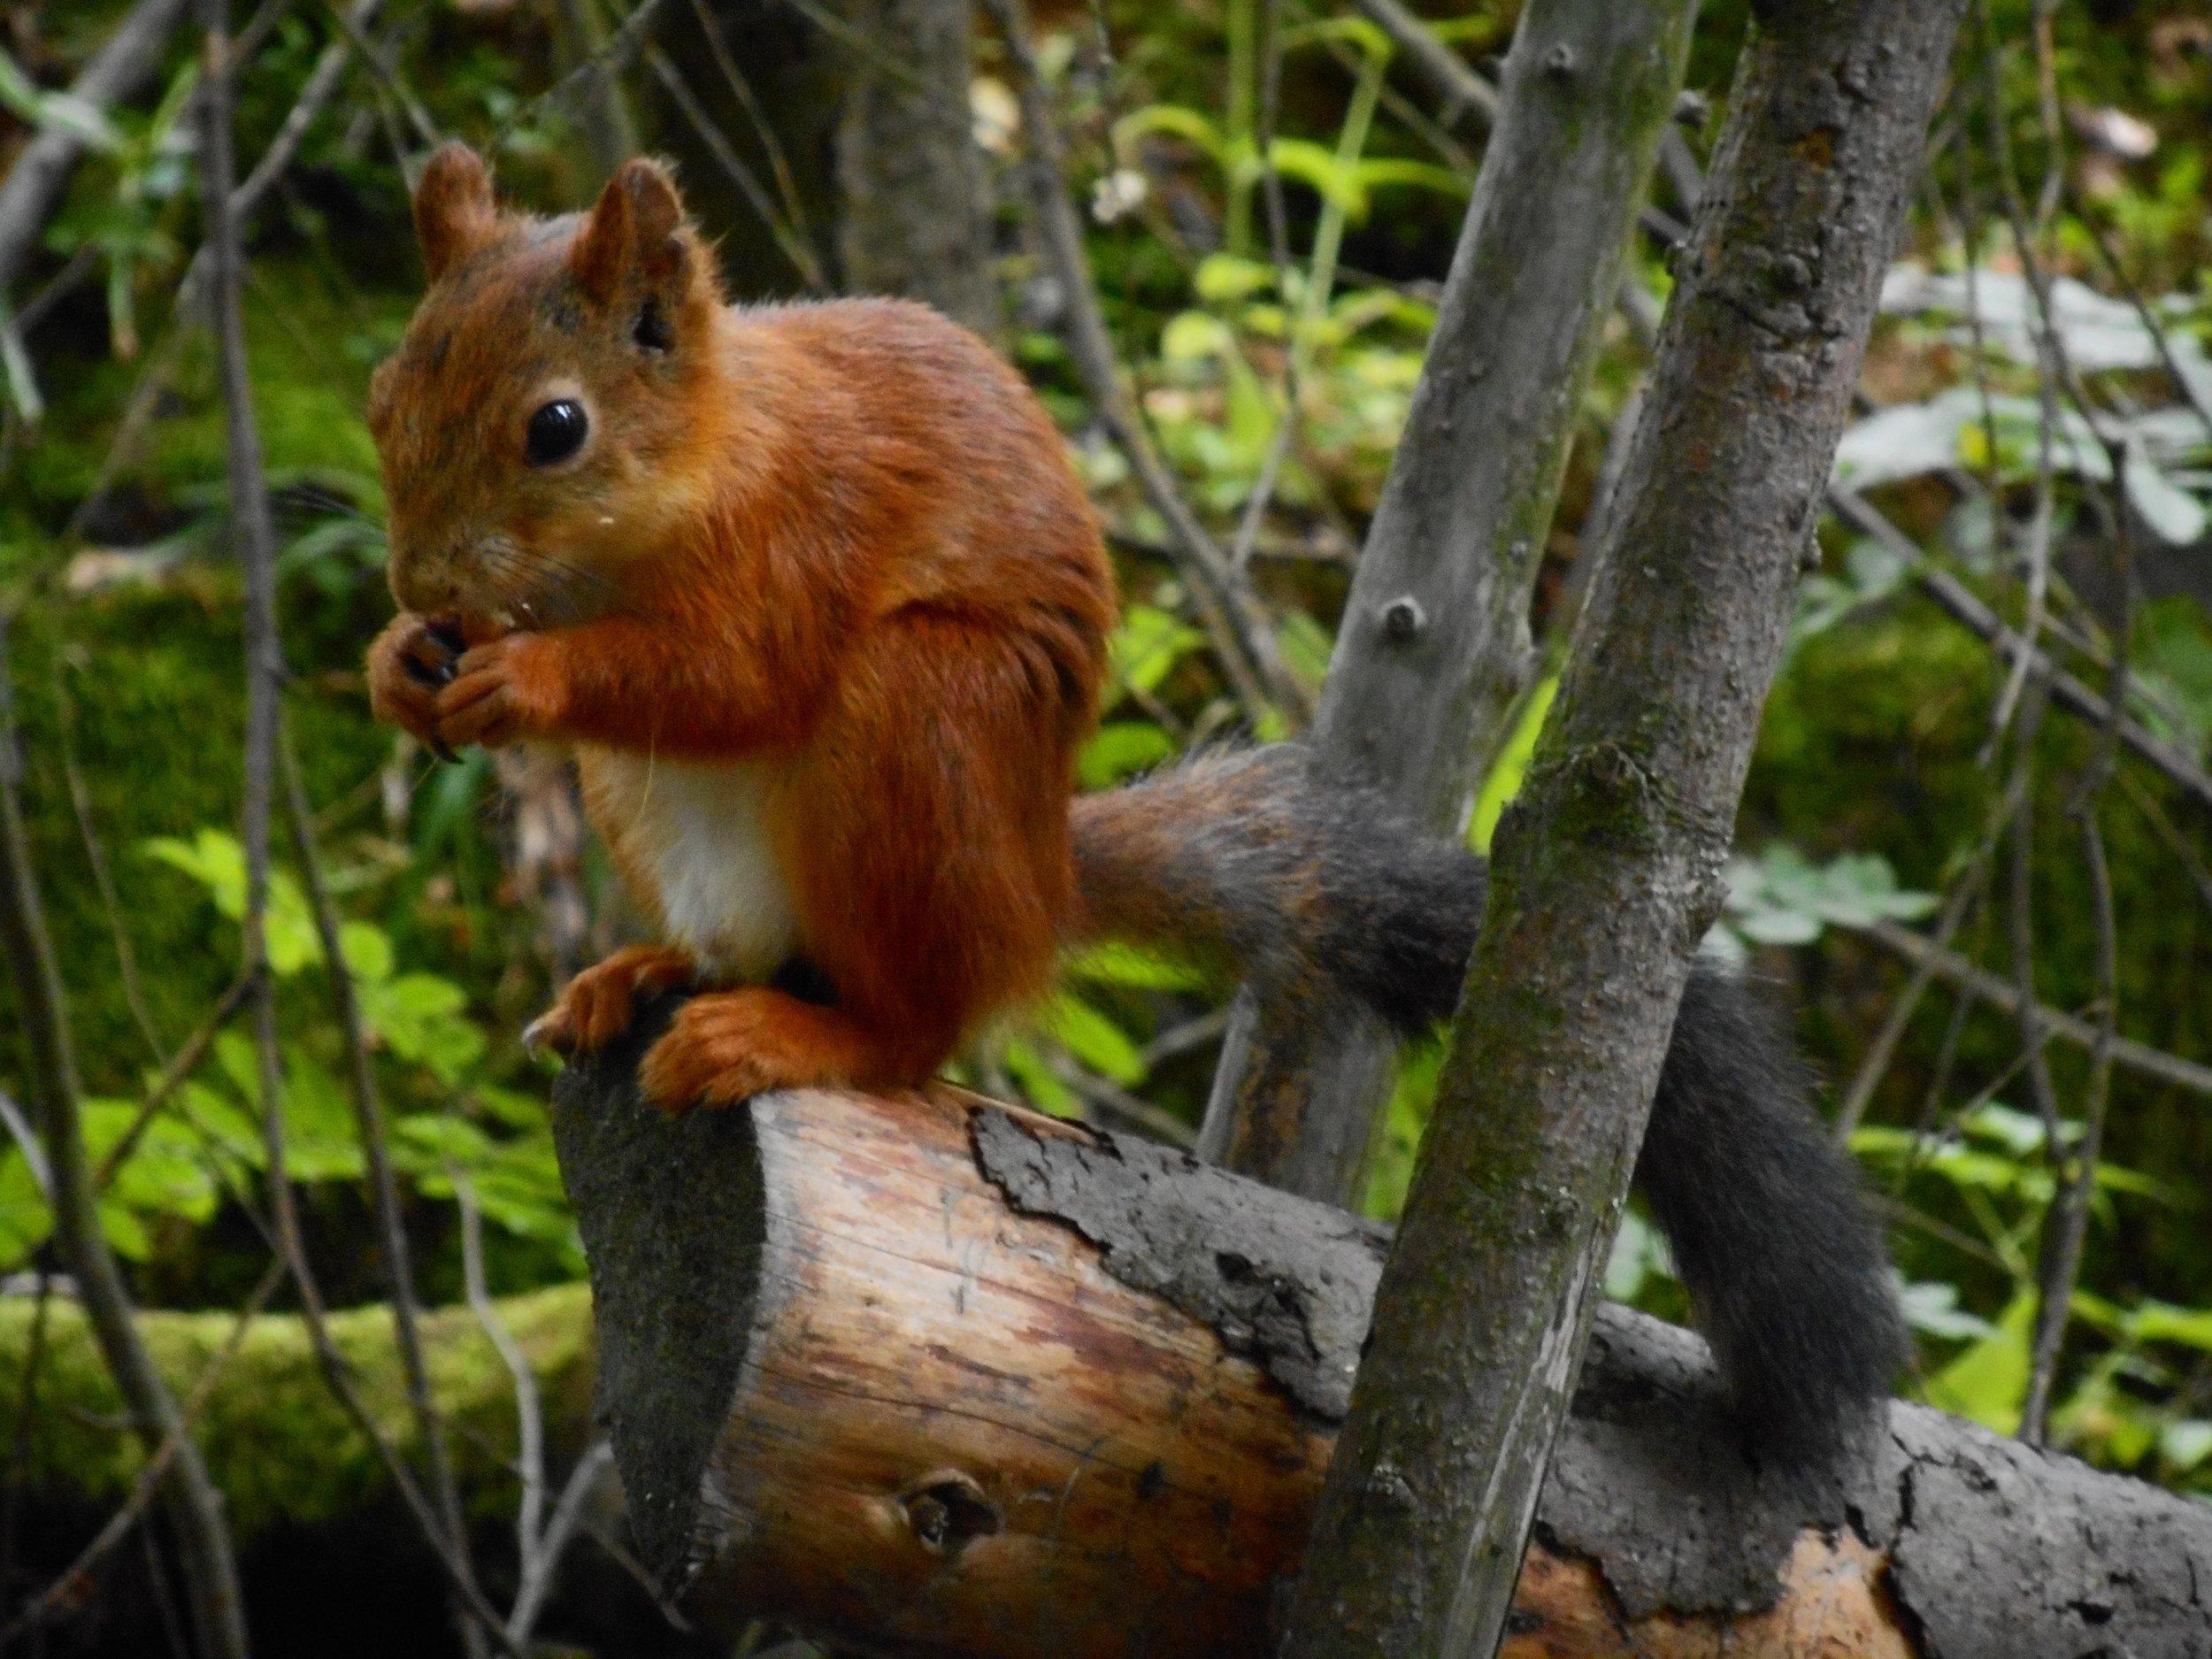 Squirrel Finland nature wild animals